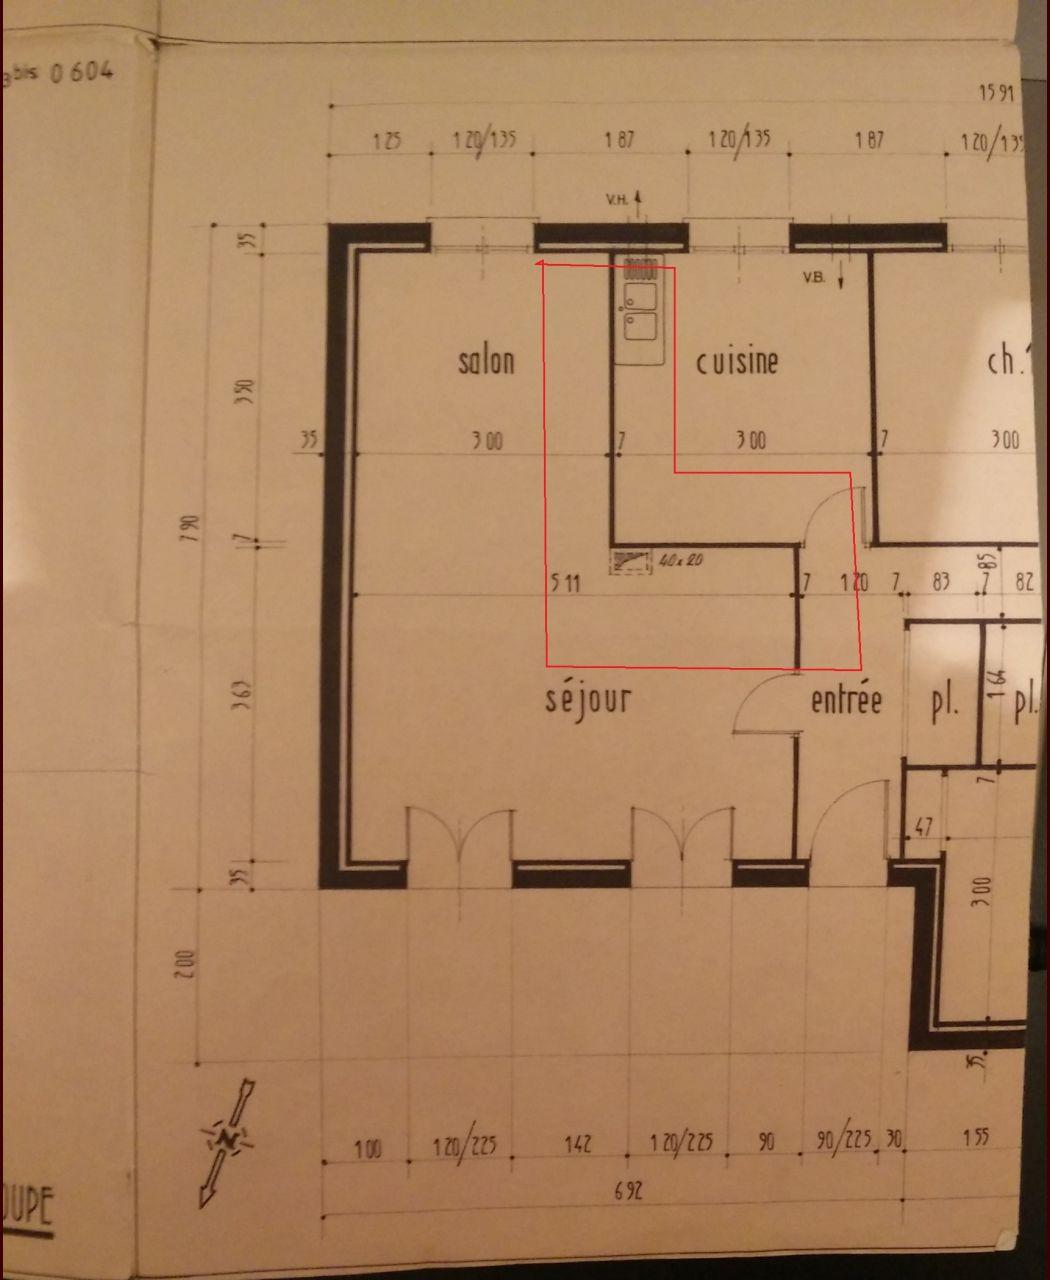 Plan coté gauche de la maison